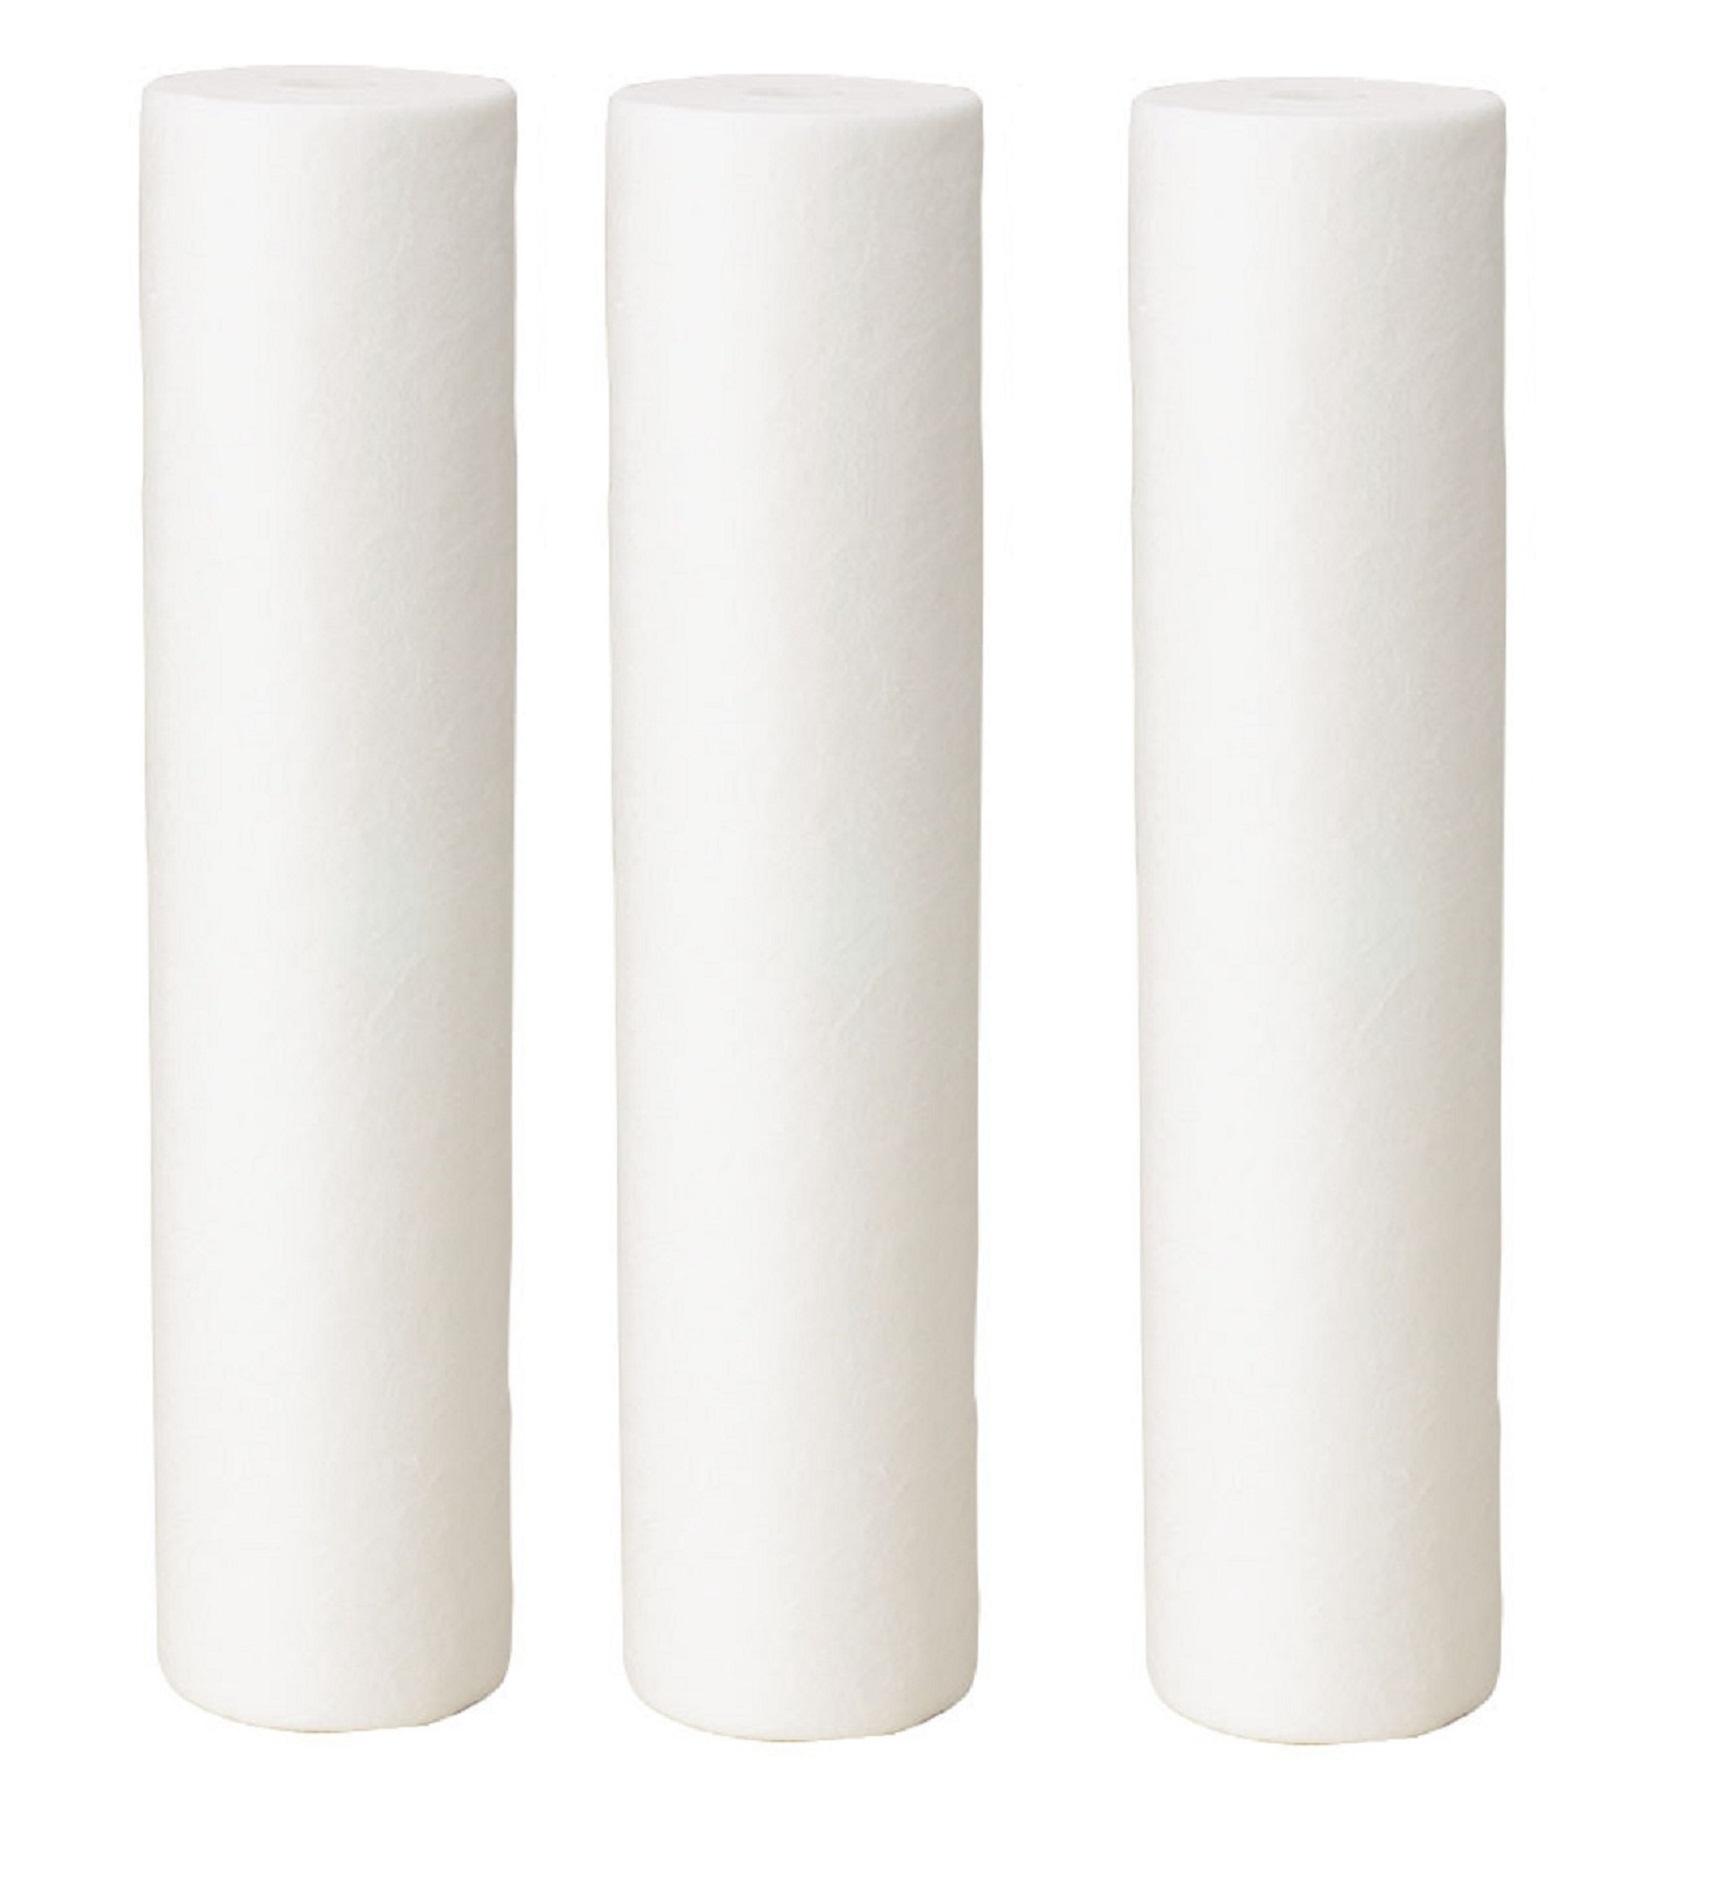 Filtro de água Triplo para Entrada / Cavalete ou Caixa Dágua - POE 10 x 2.1/2 BR